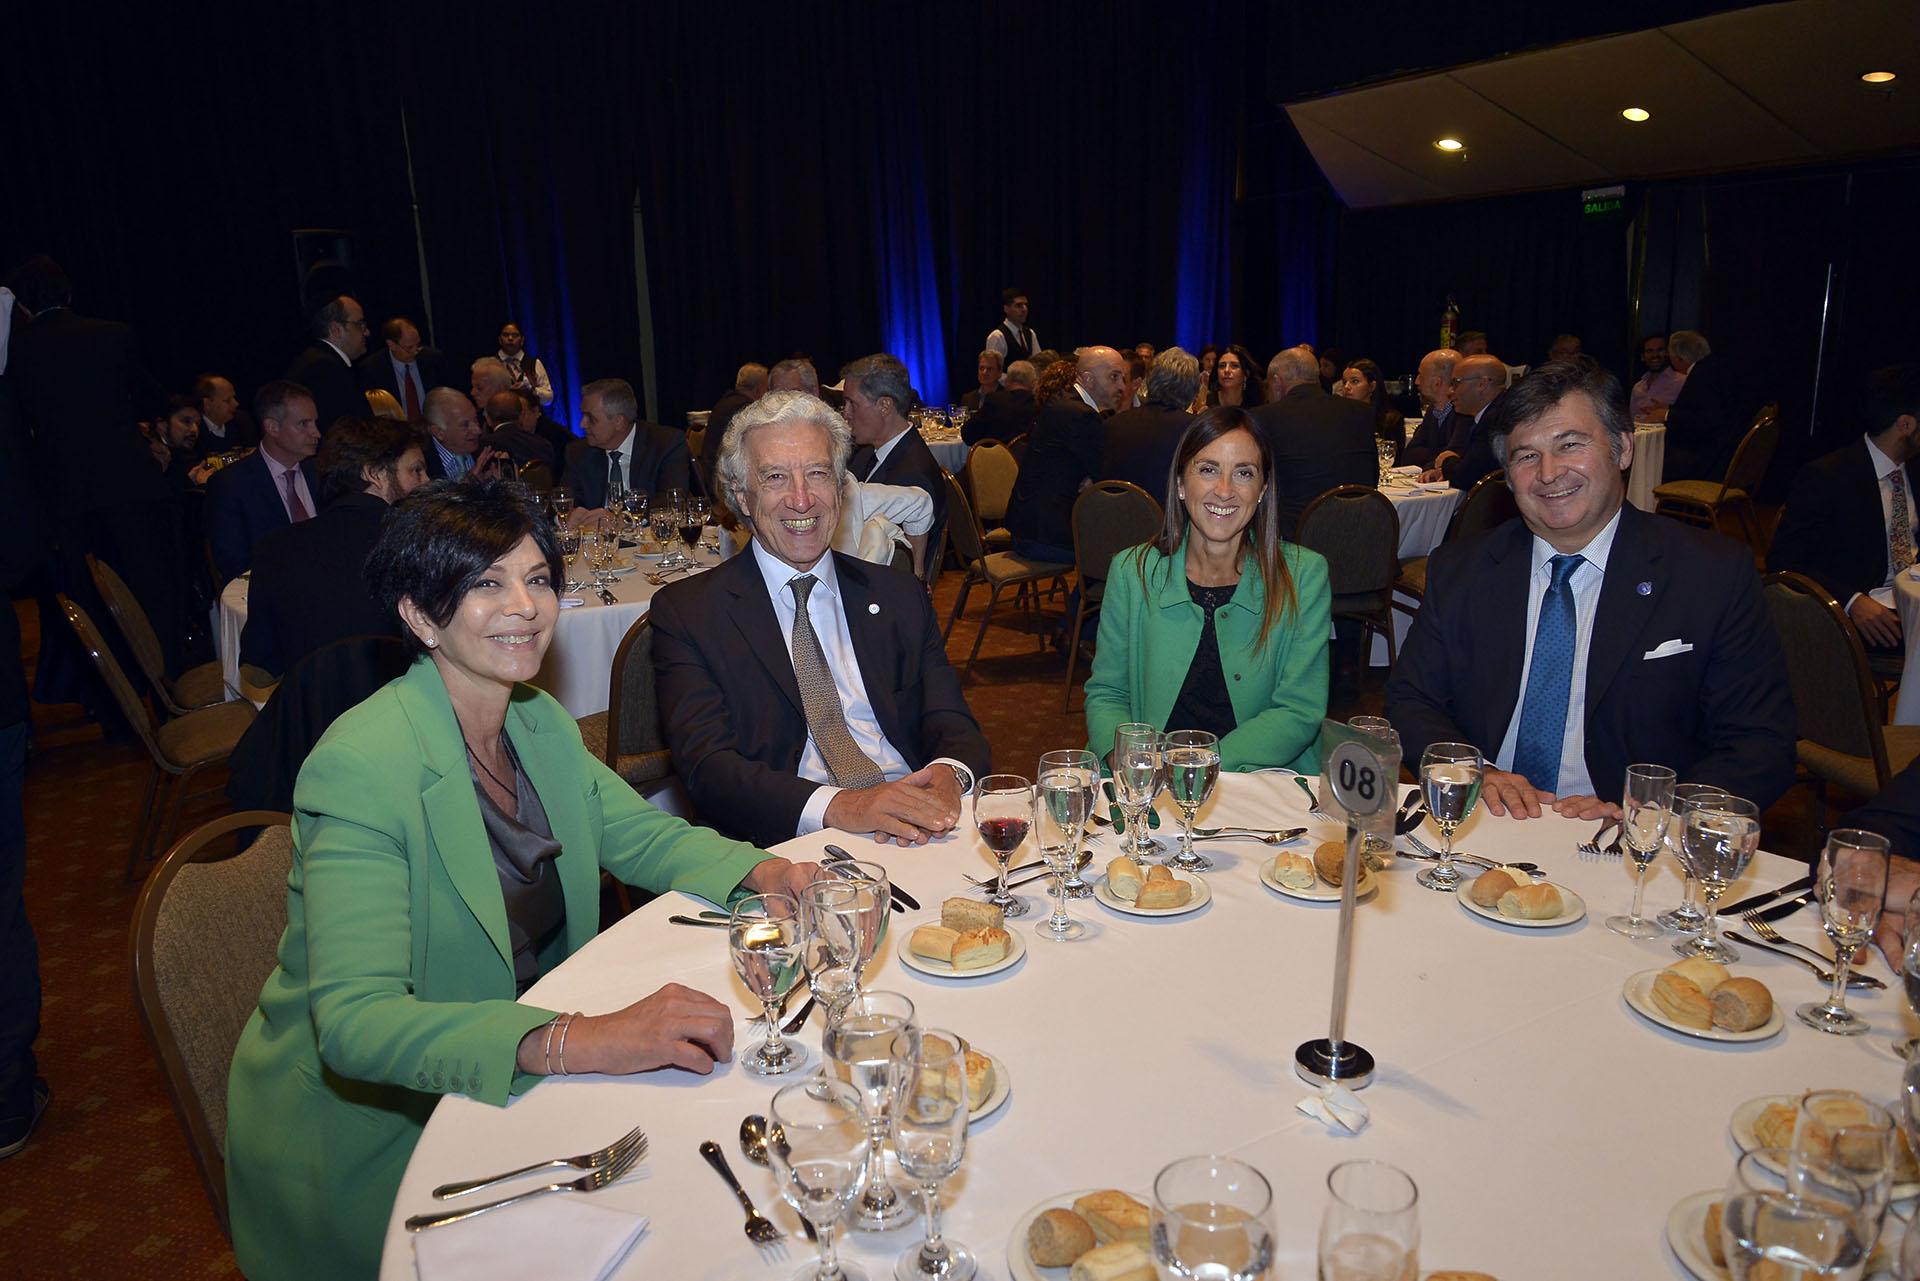 La periodista Mónica Gutiérrez; el presidente de la Asociación Empresarial Argentina, Jaime Campos; el presidente de la Sociedad Rural Daniel Pelegrina